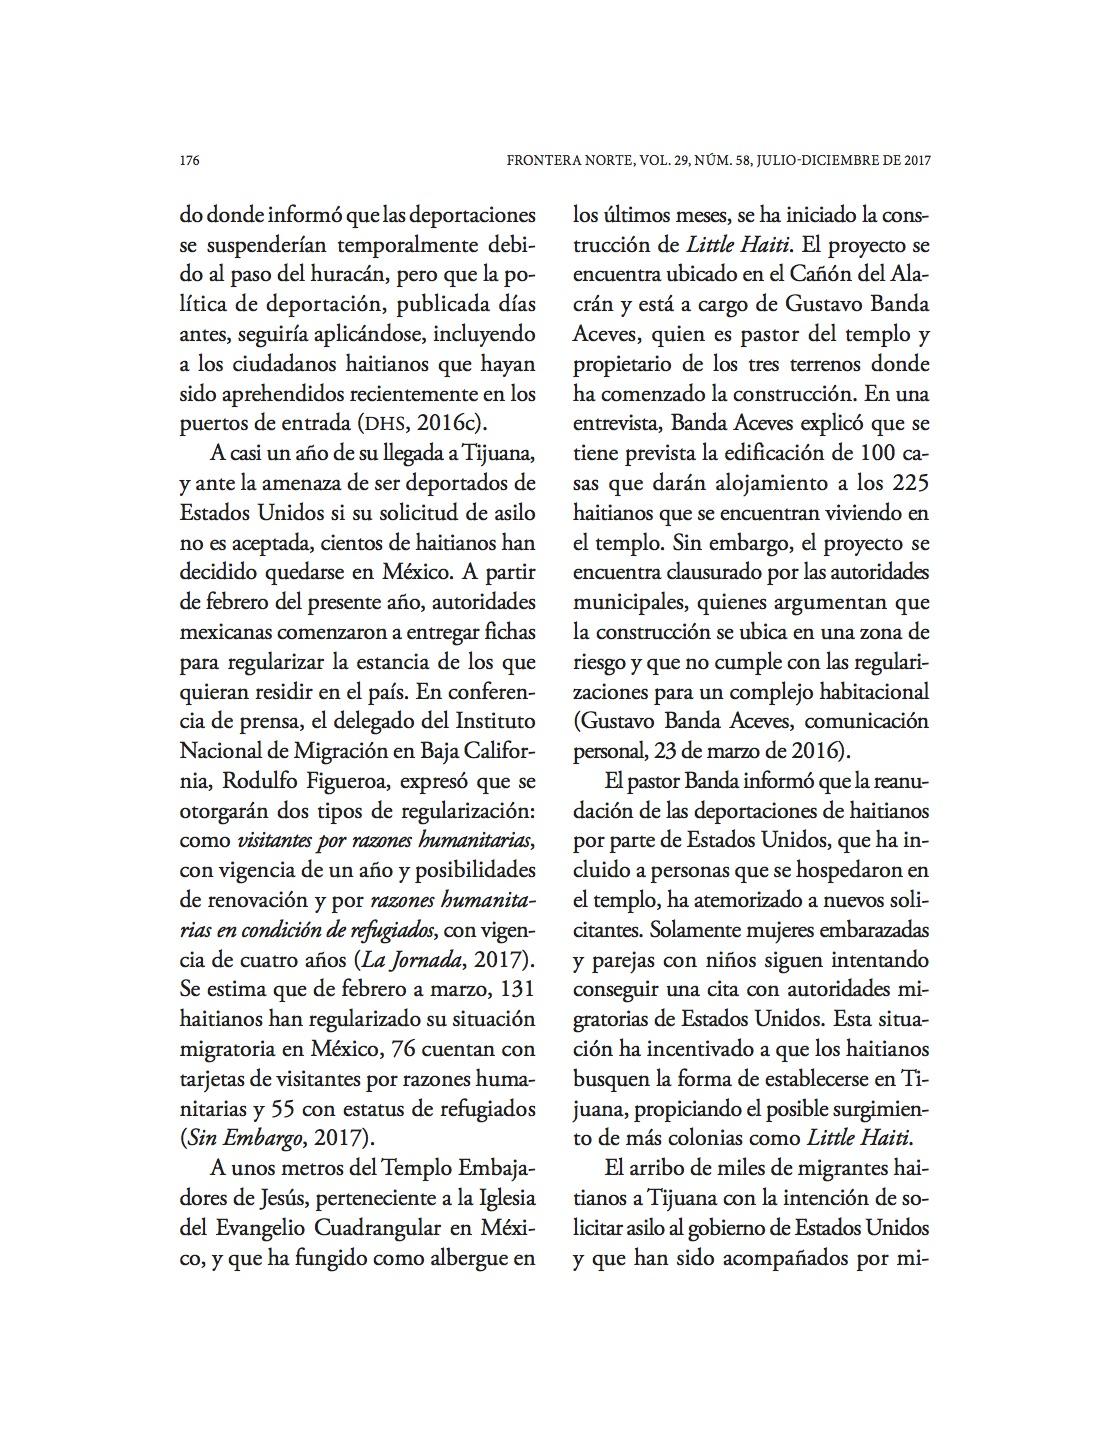 Haitianos en Tijuana - Alarcon y Ortiz FN 2017 (6)